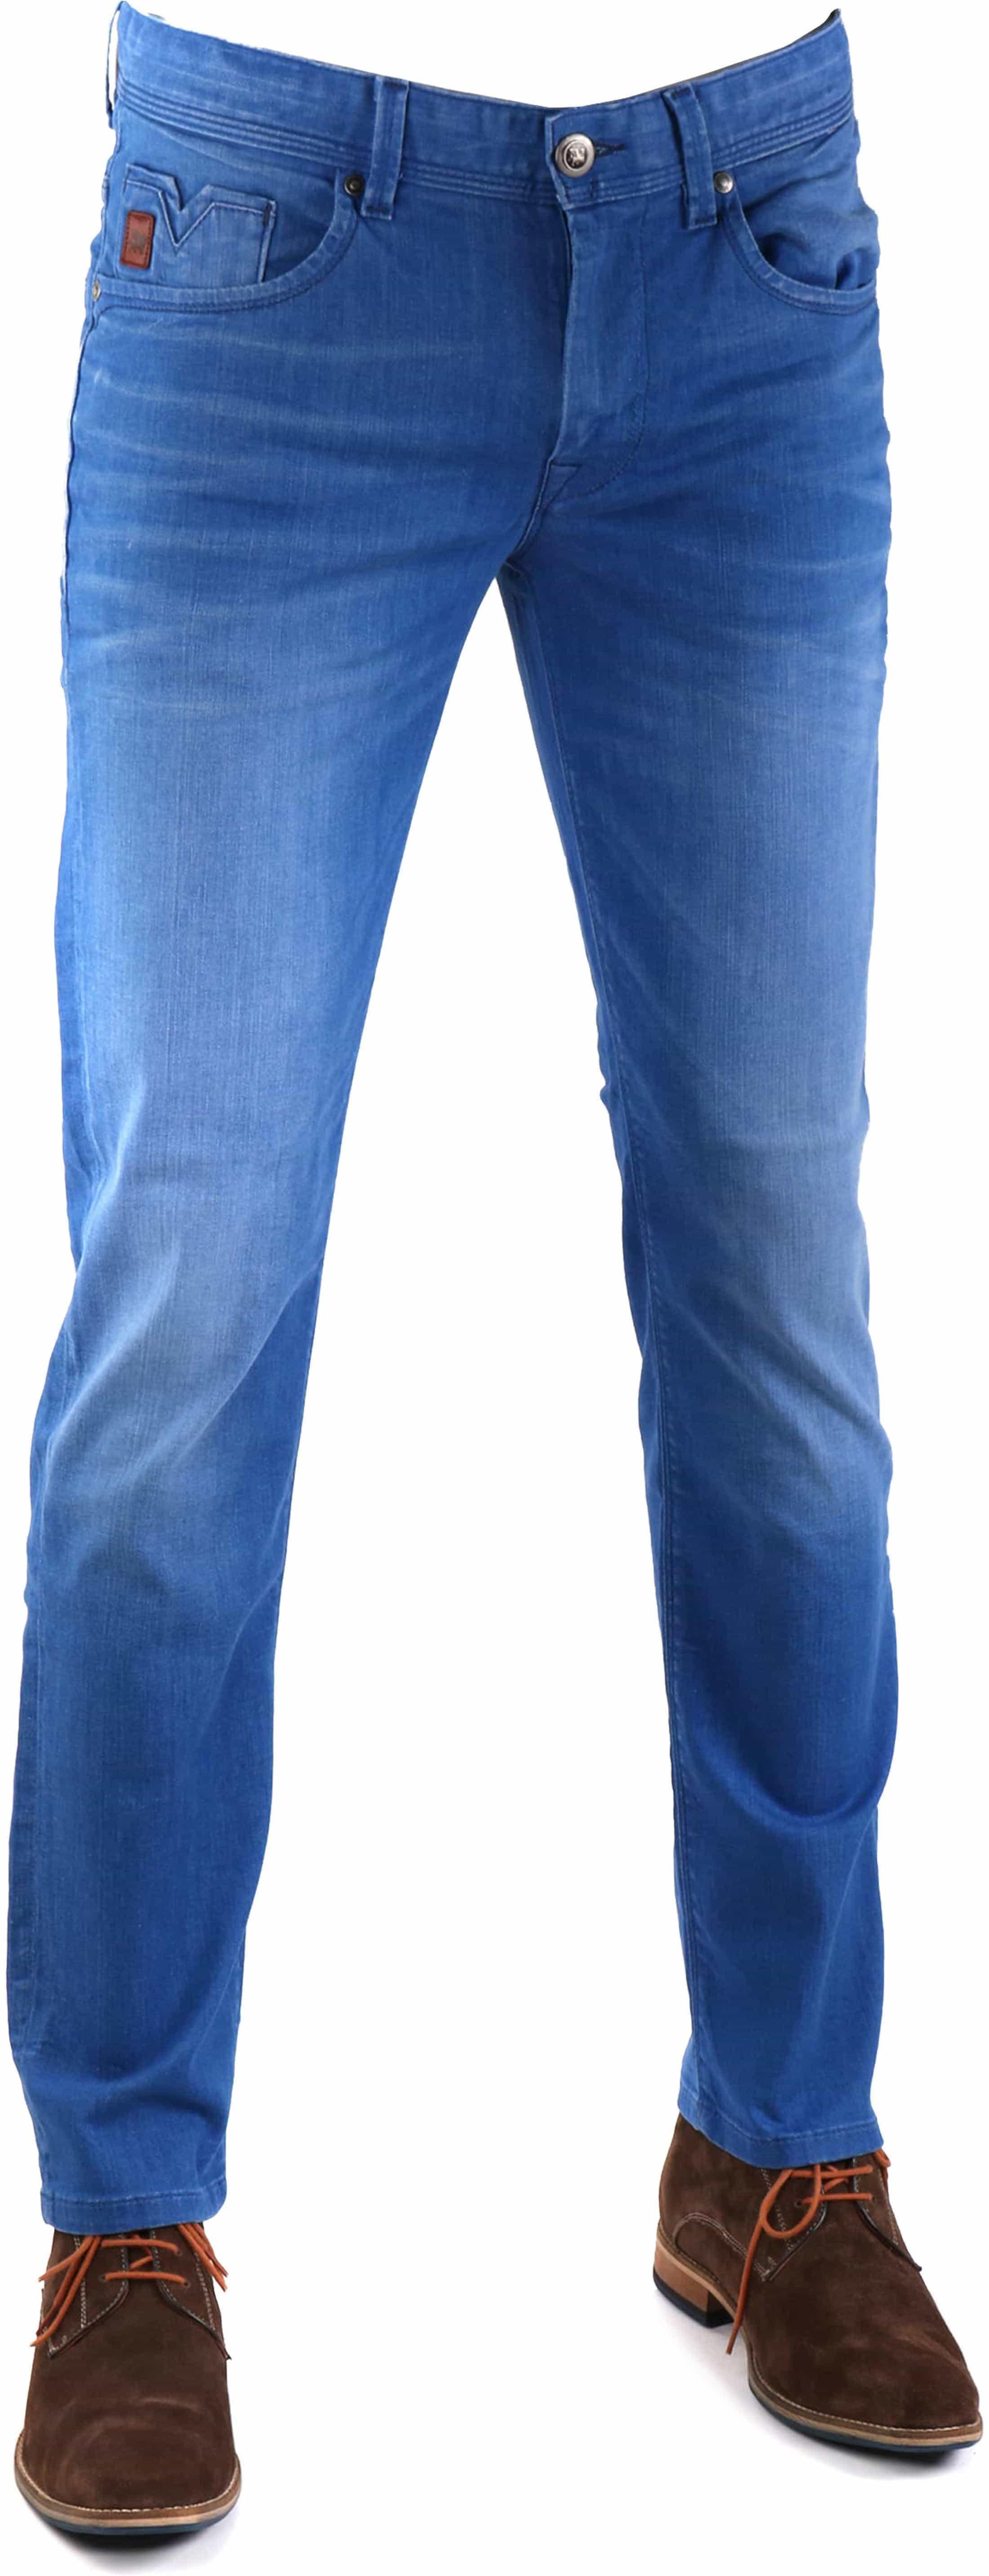 Vanguard V7 Rider Jeans Blau Foto 0